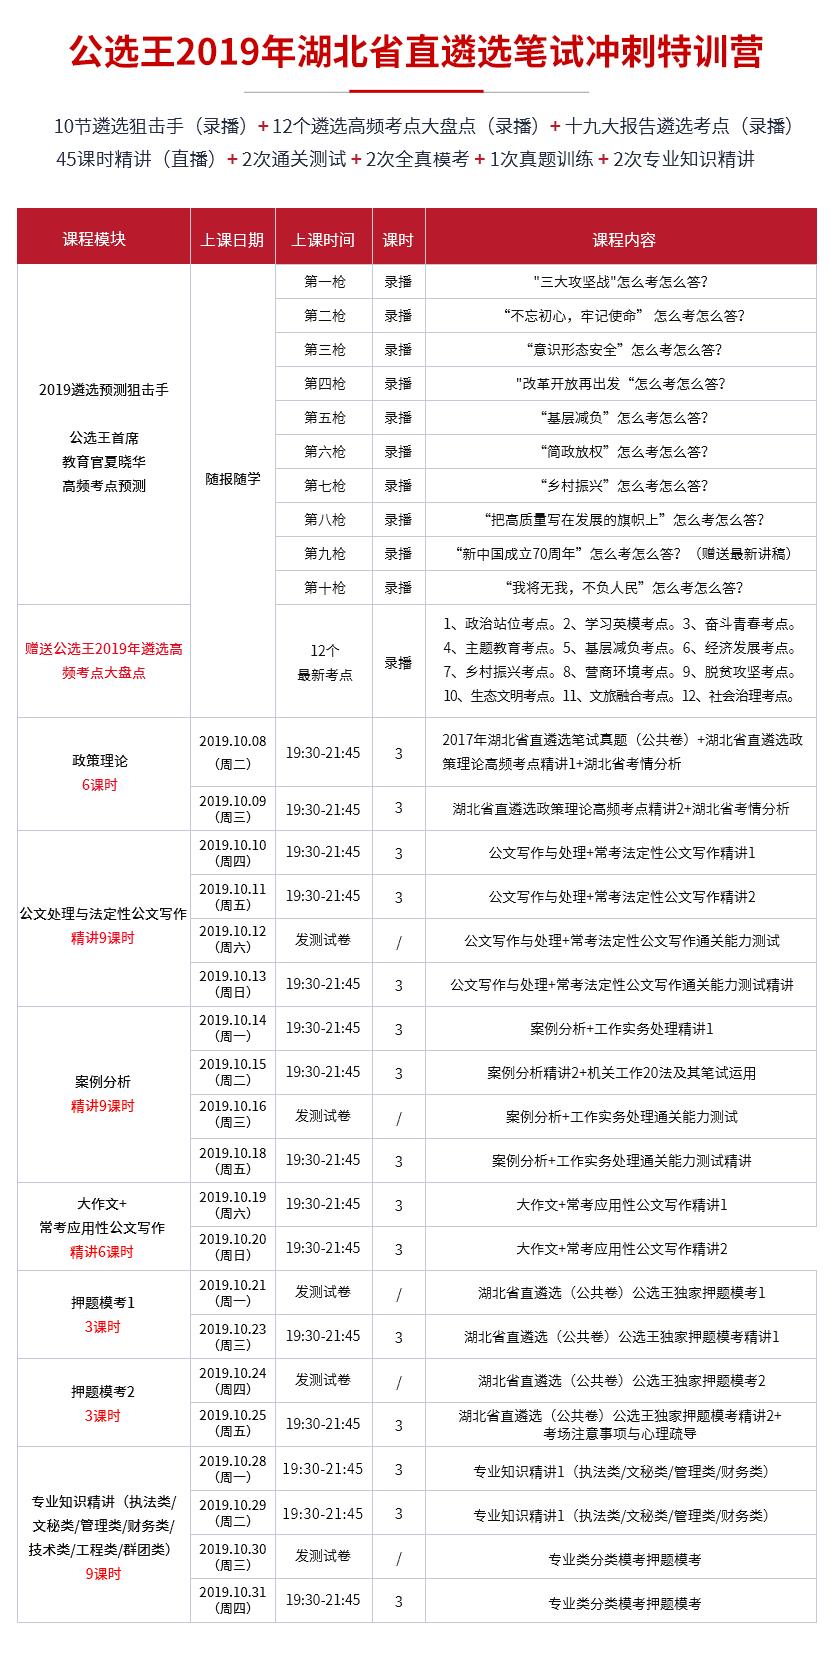 02湖北省直-官网-线上课-改时间.png